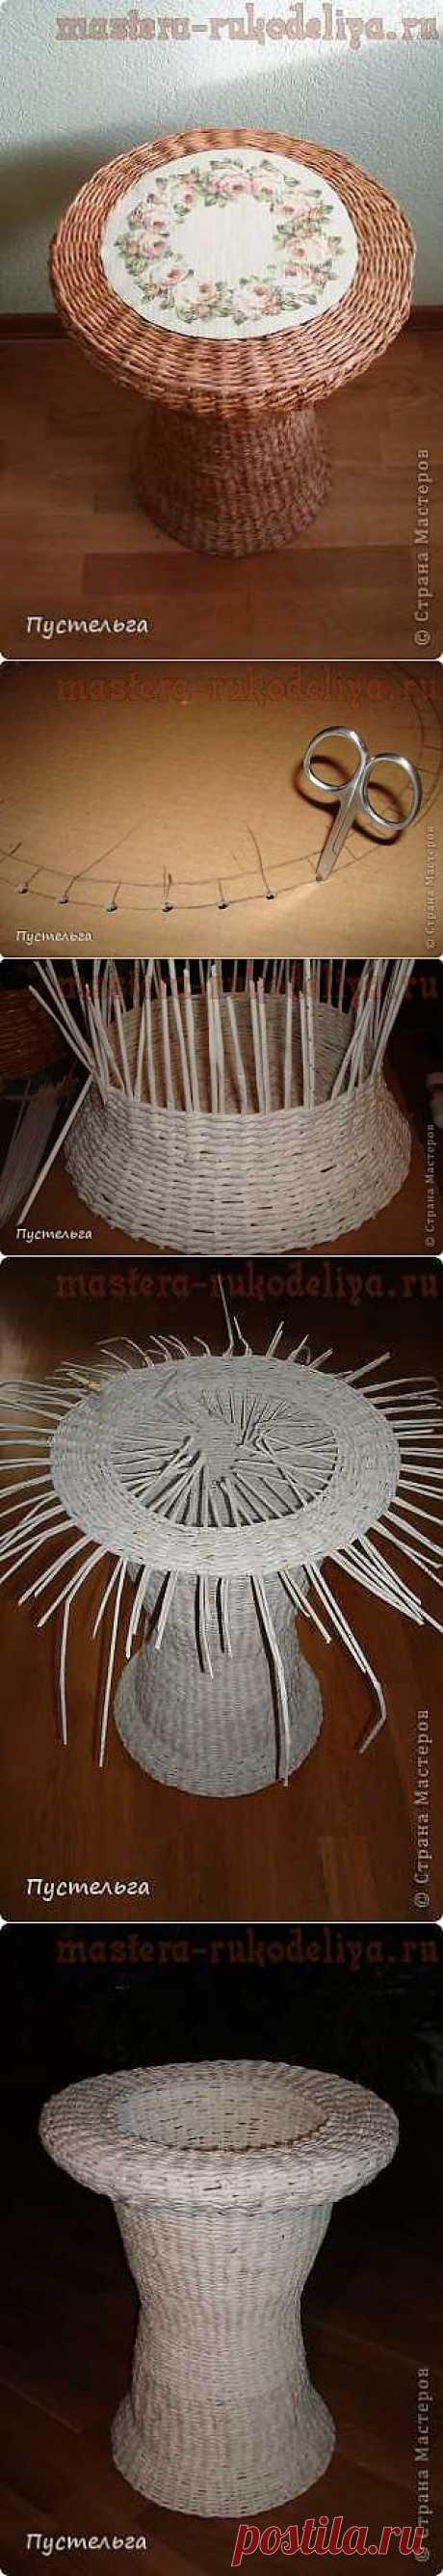 Мастера рукоделия - рукоделие для дома. Бесплатные мастер-классы, фото и видео уроки - Мастер-класс по плетению из газет: Столик для вязания